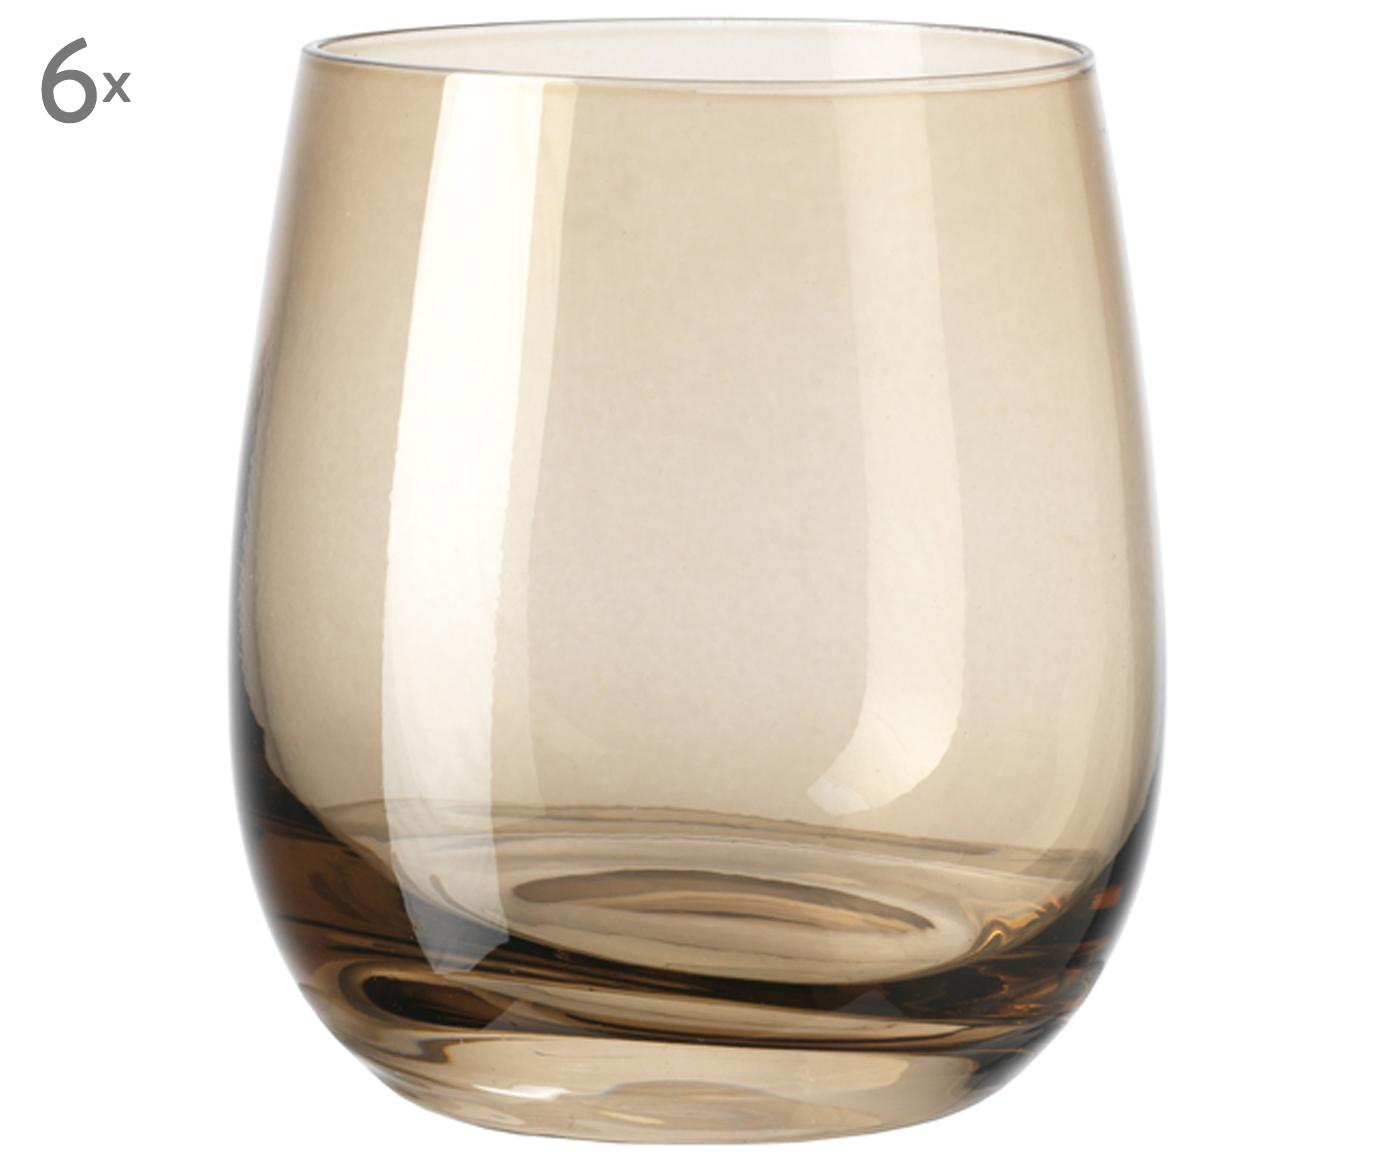 Szklanka do wody Sora, 6 szt., Szkło, Jasny brązowy, Ø 8 x W 10 cm